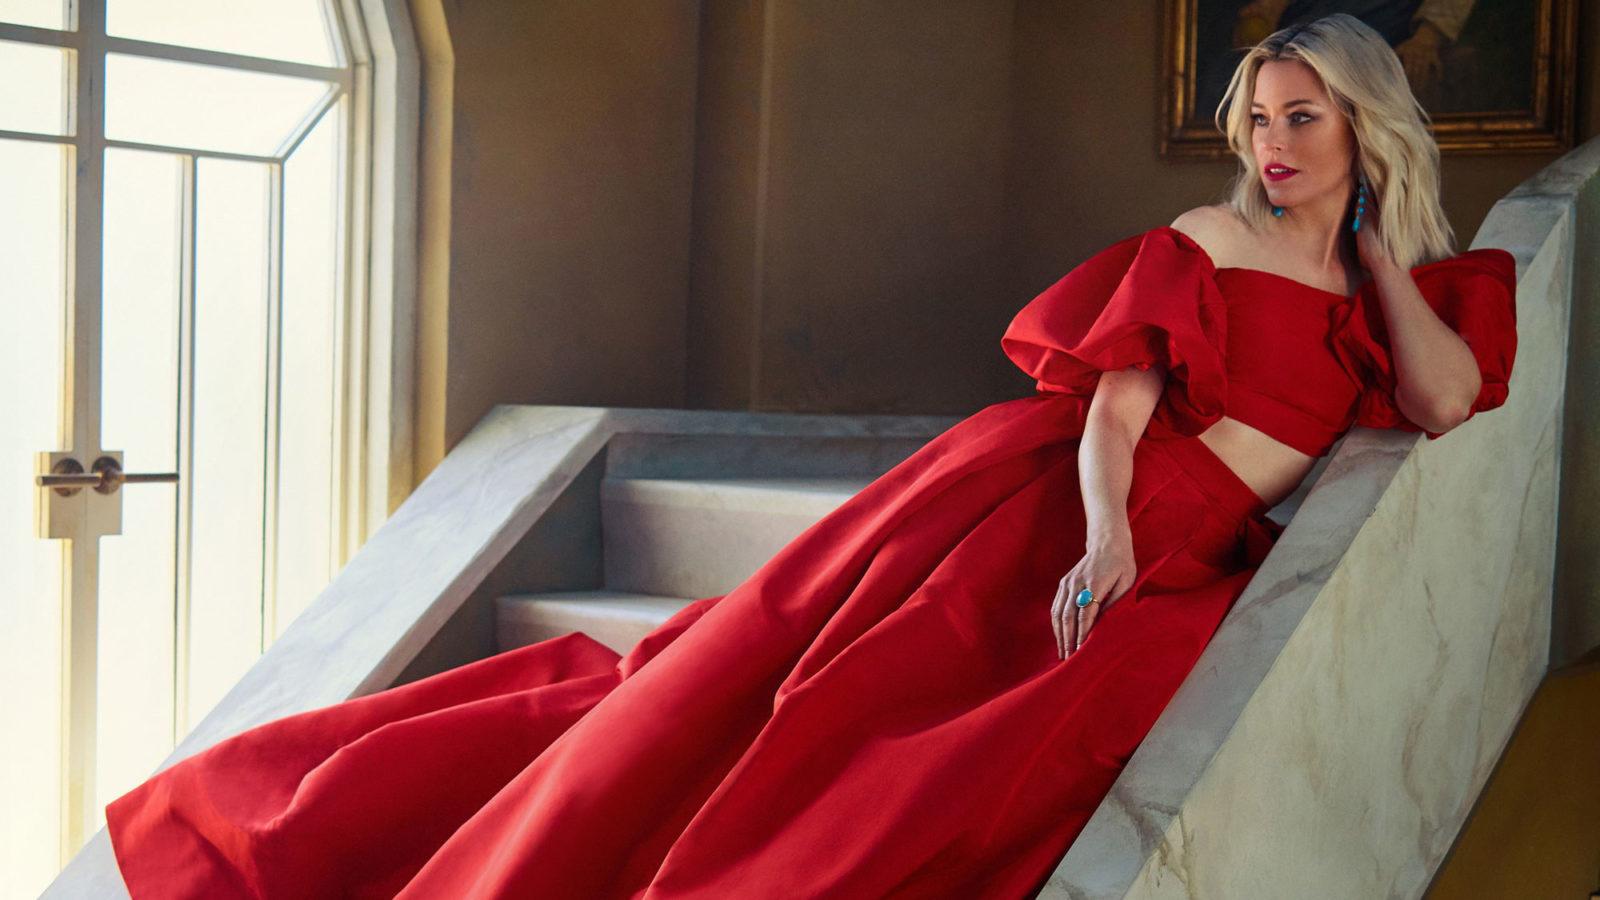 Elizabeth Banks Vanity Fair 4k Wallpapers HD Wallpapers 1600x900